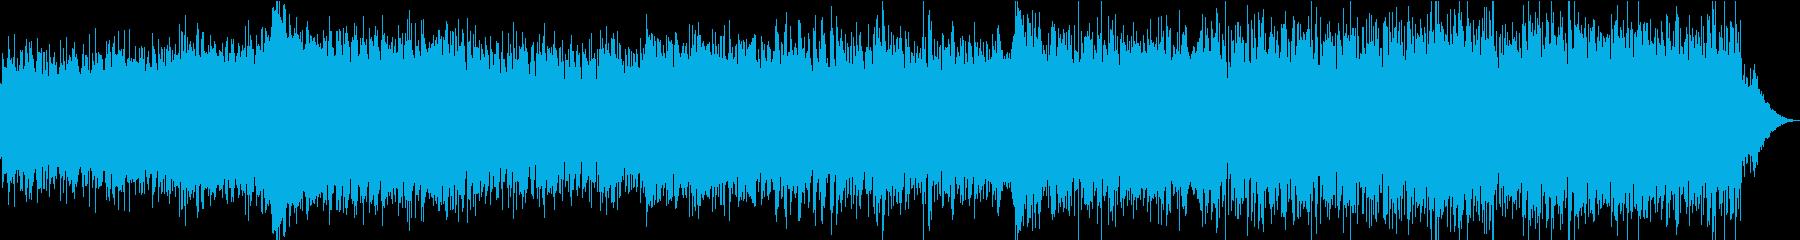 勢いがあって緊張感のあるエレクトロの再生済みの波形